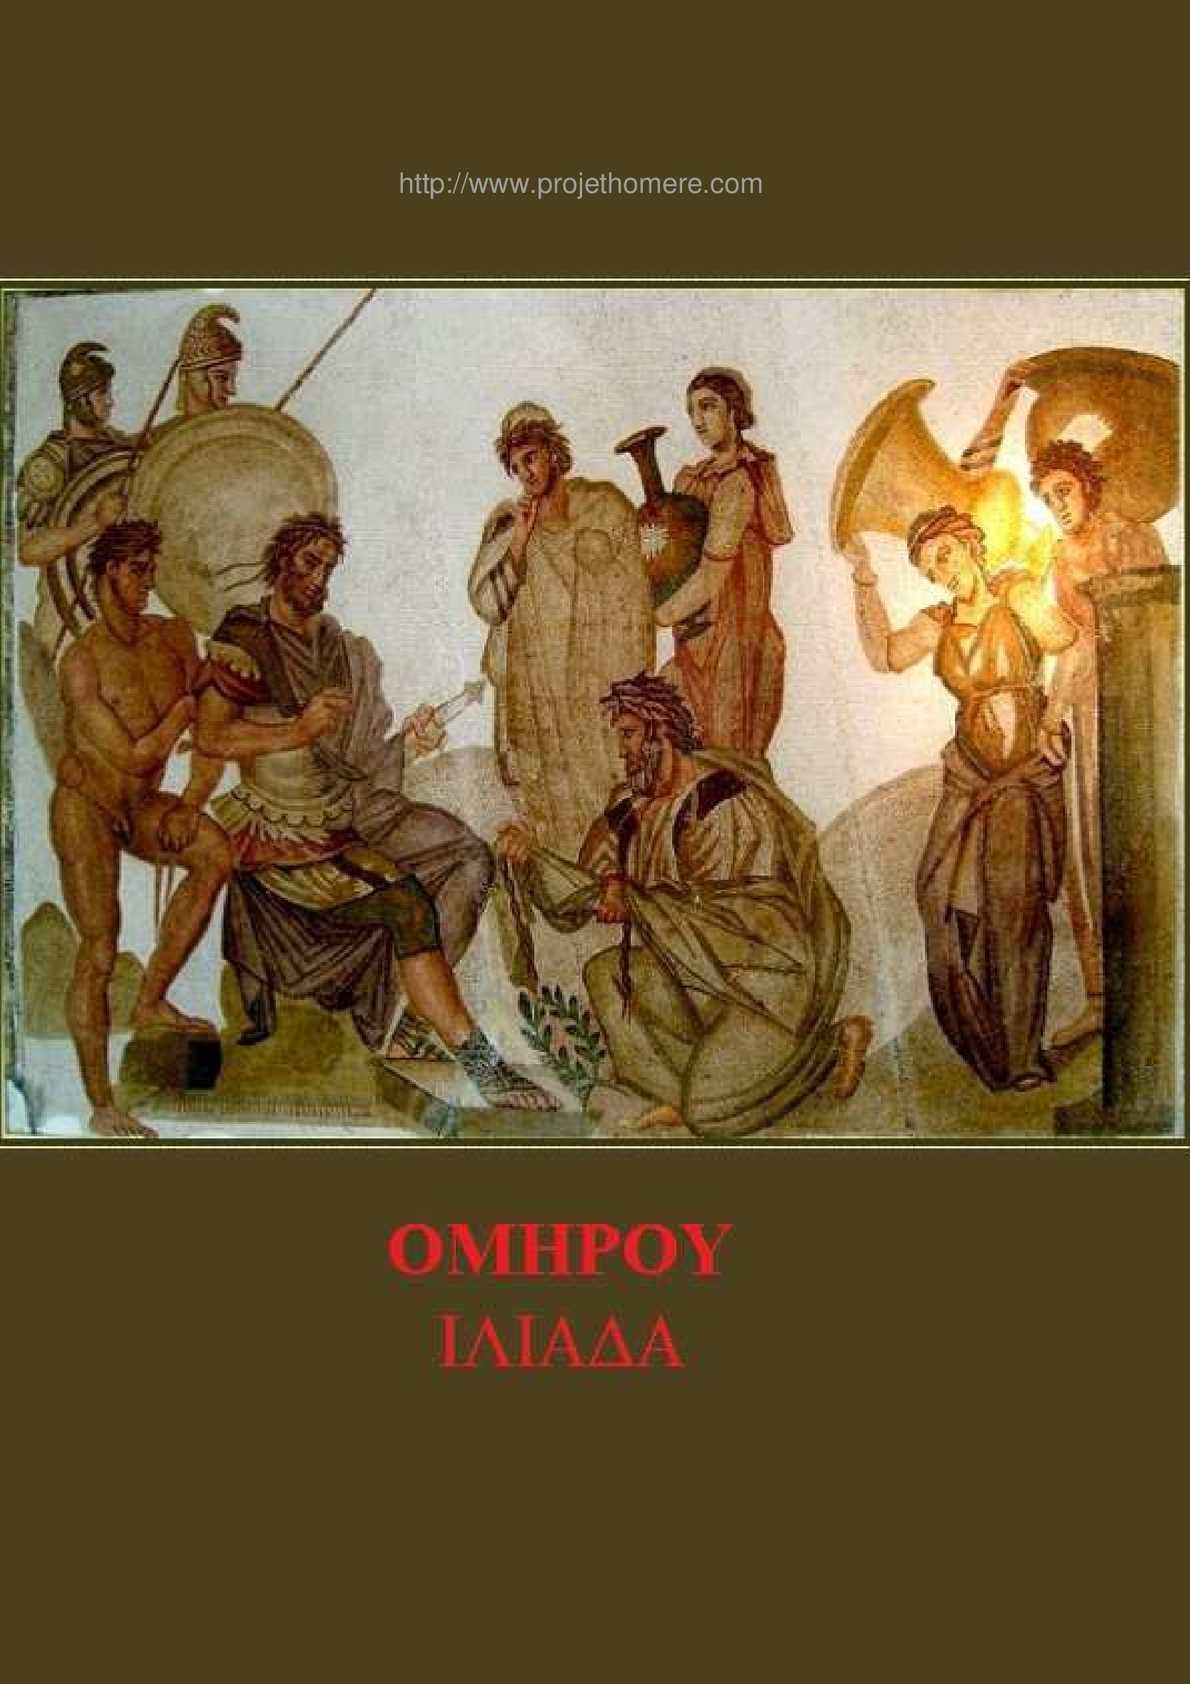 Ιλιάδα Ομήρου–(αρχαία & νέα ελληνικά)–http://www.projethomere.com